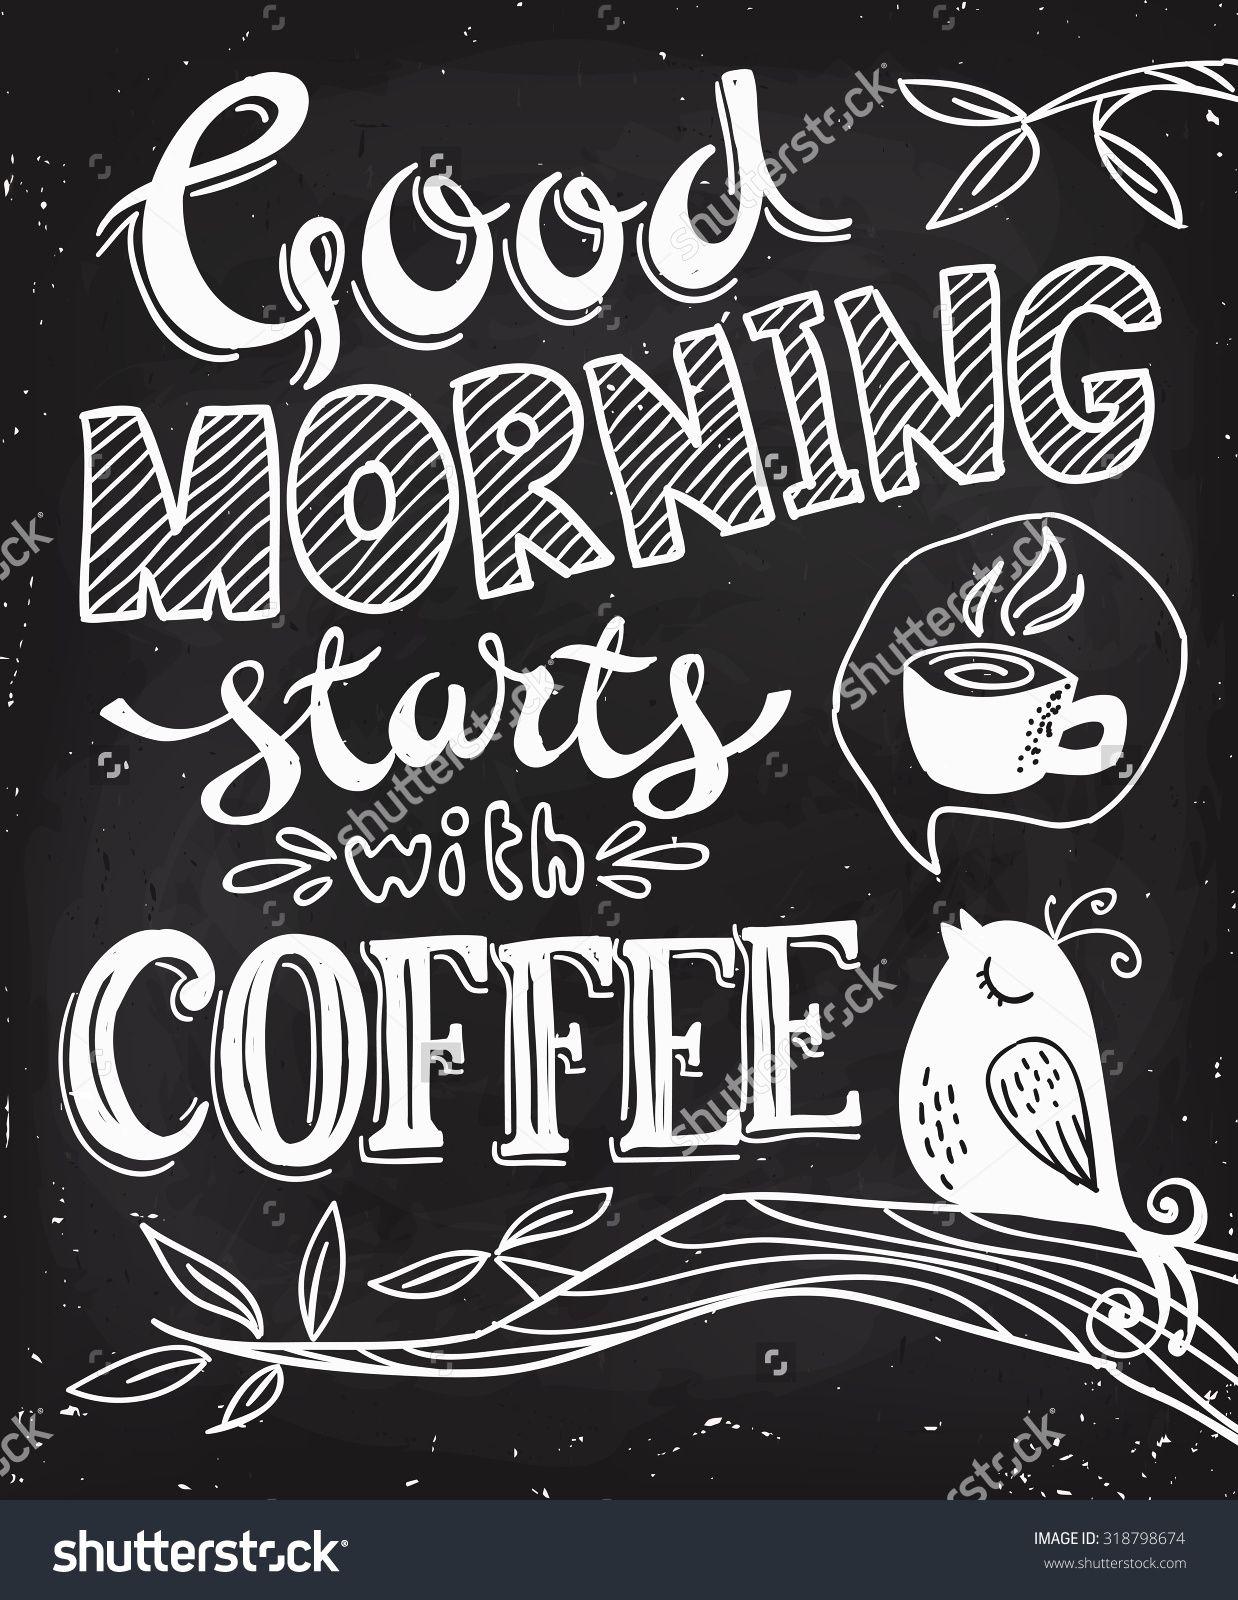 {title} (Có hình ảnh) Cà phê